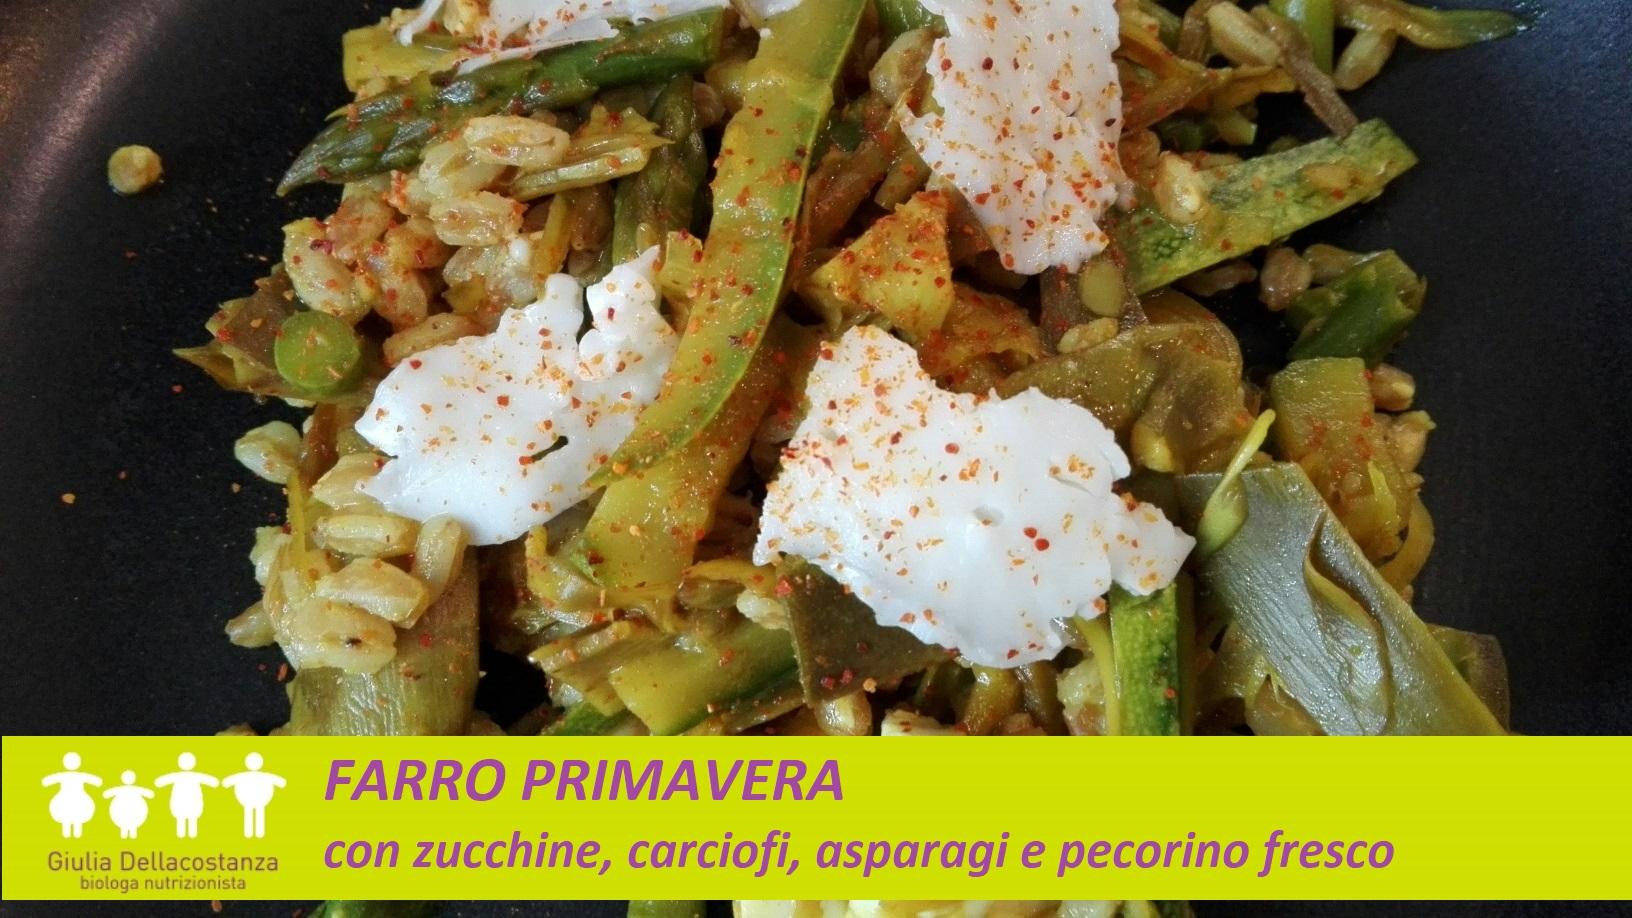 Piatto completo a base di farro perlato con zucchine, asparagi, carciofi e pecorino fresco.